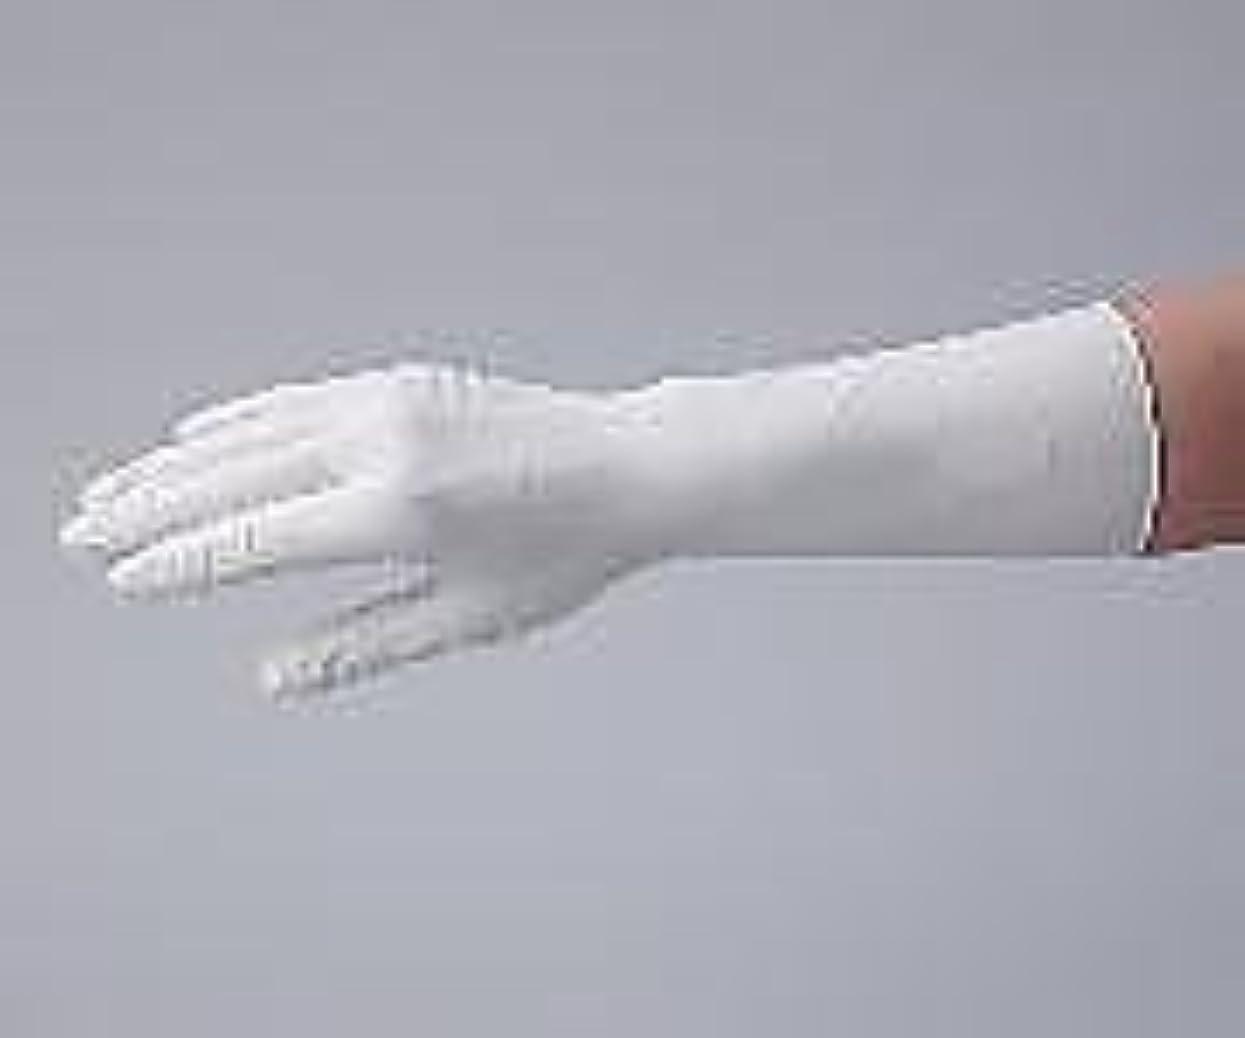 全部心のこもったビジネスアズピュア(アズワン)1-2324-51アズピュアクリーンファーストニトリル手袋(ペアタイプ)クリーンパックXS左右各50枚×10袋入